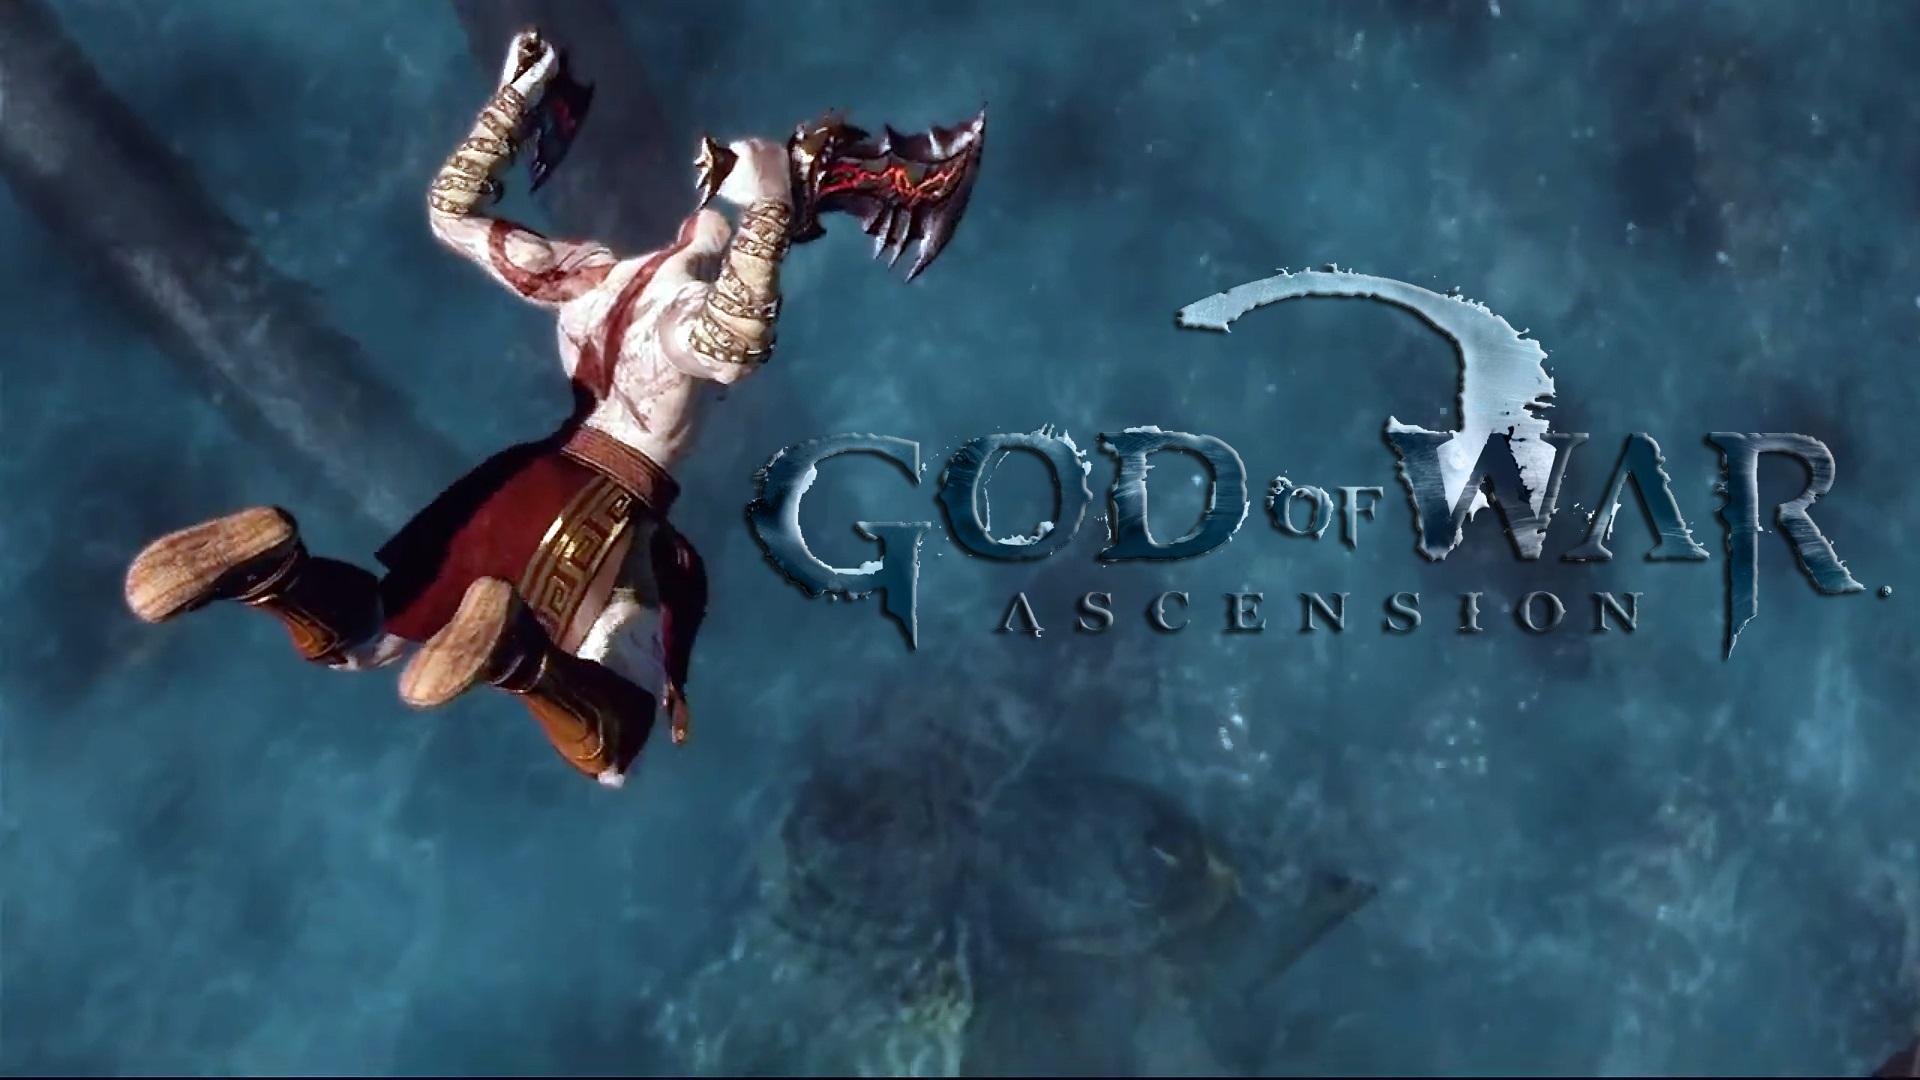 God Of War Ascension Wallpaper 13